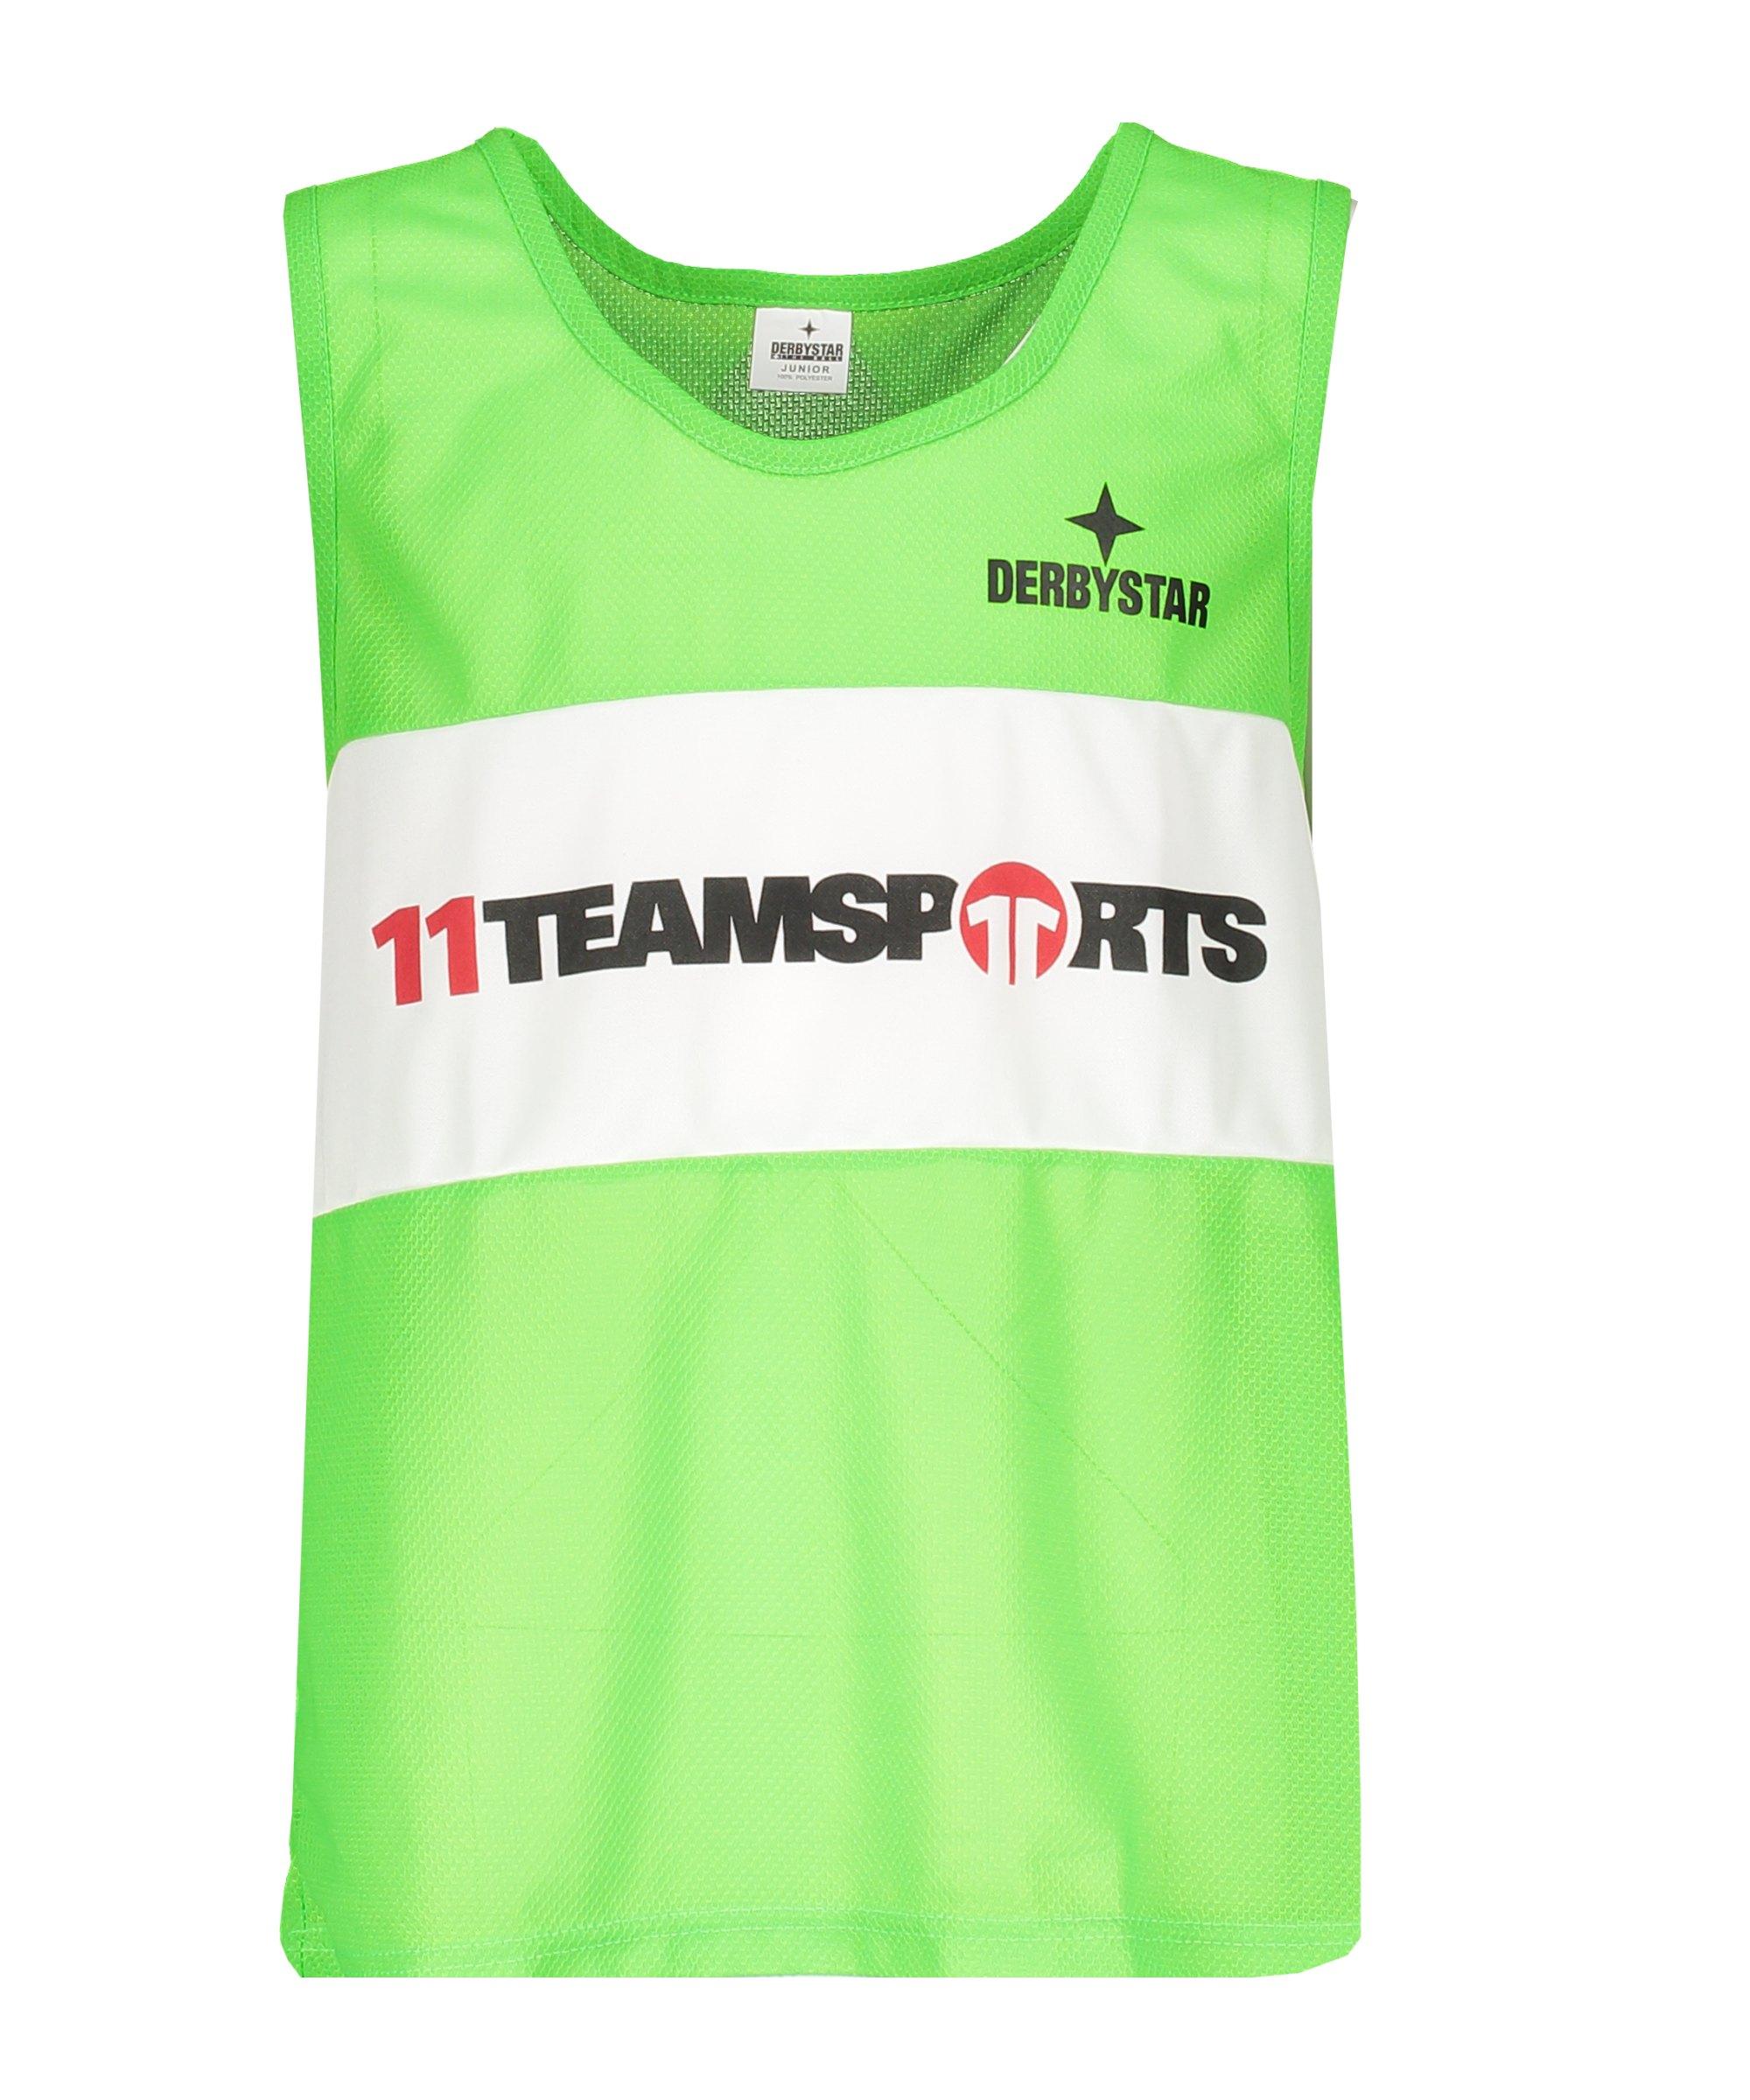 Derbystar Markierungshemdchen 11teamsports Grün - gruen